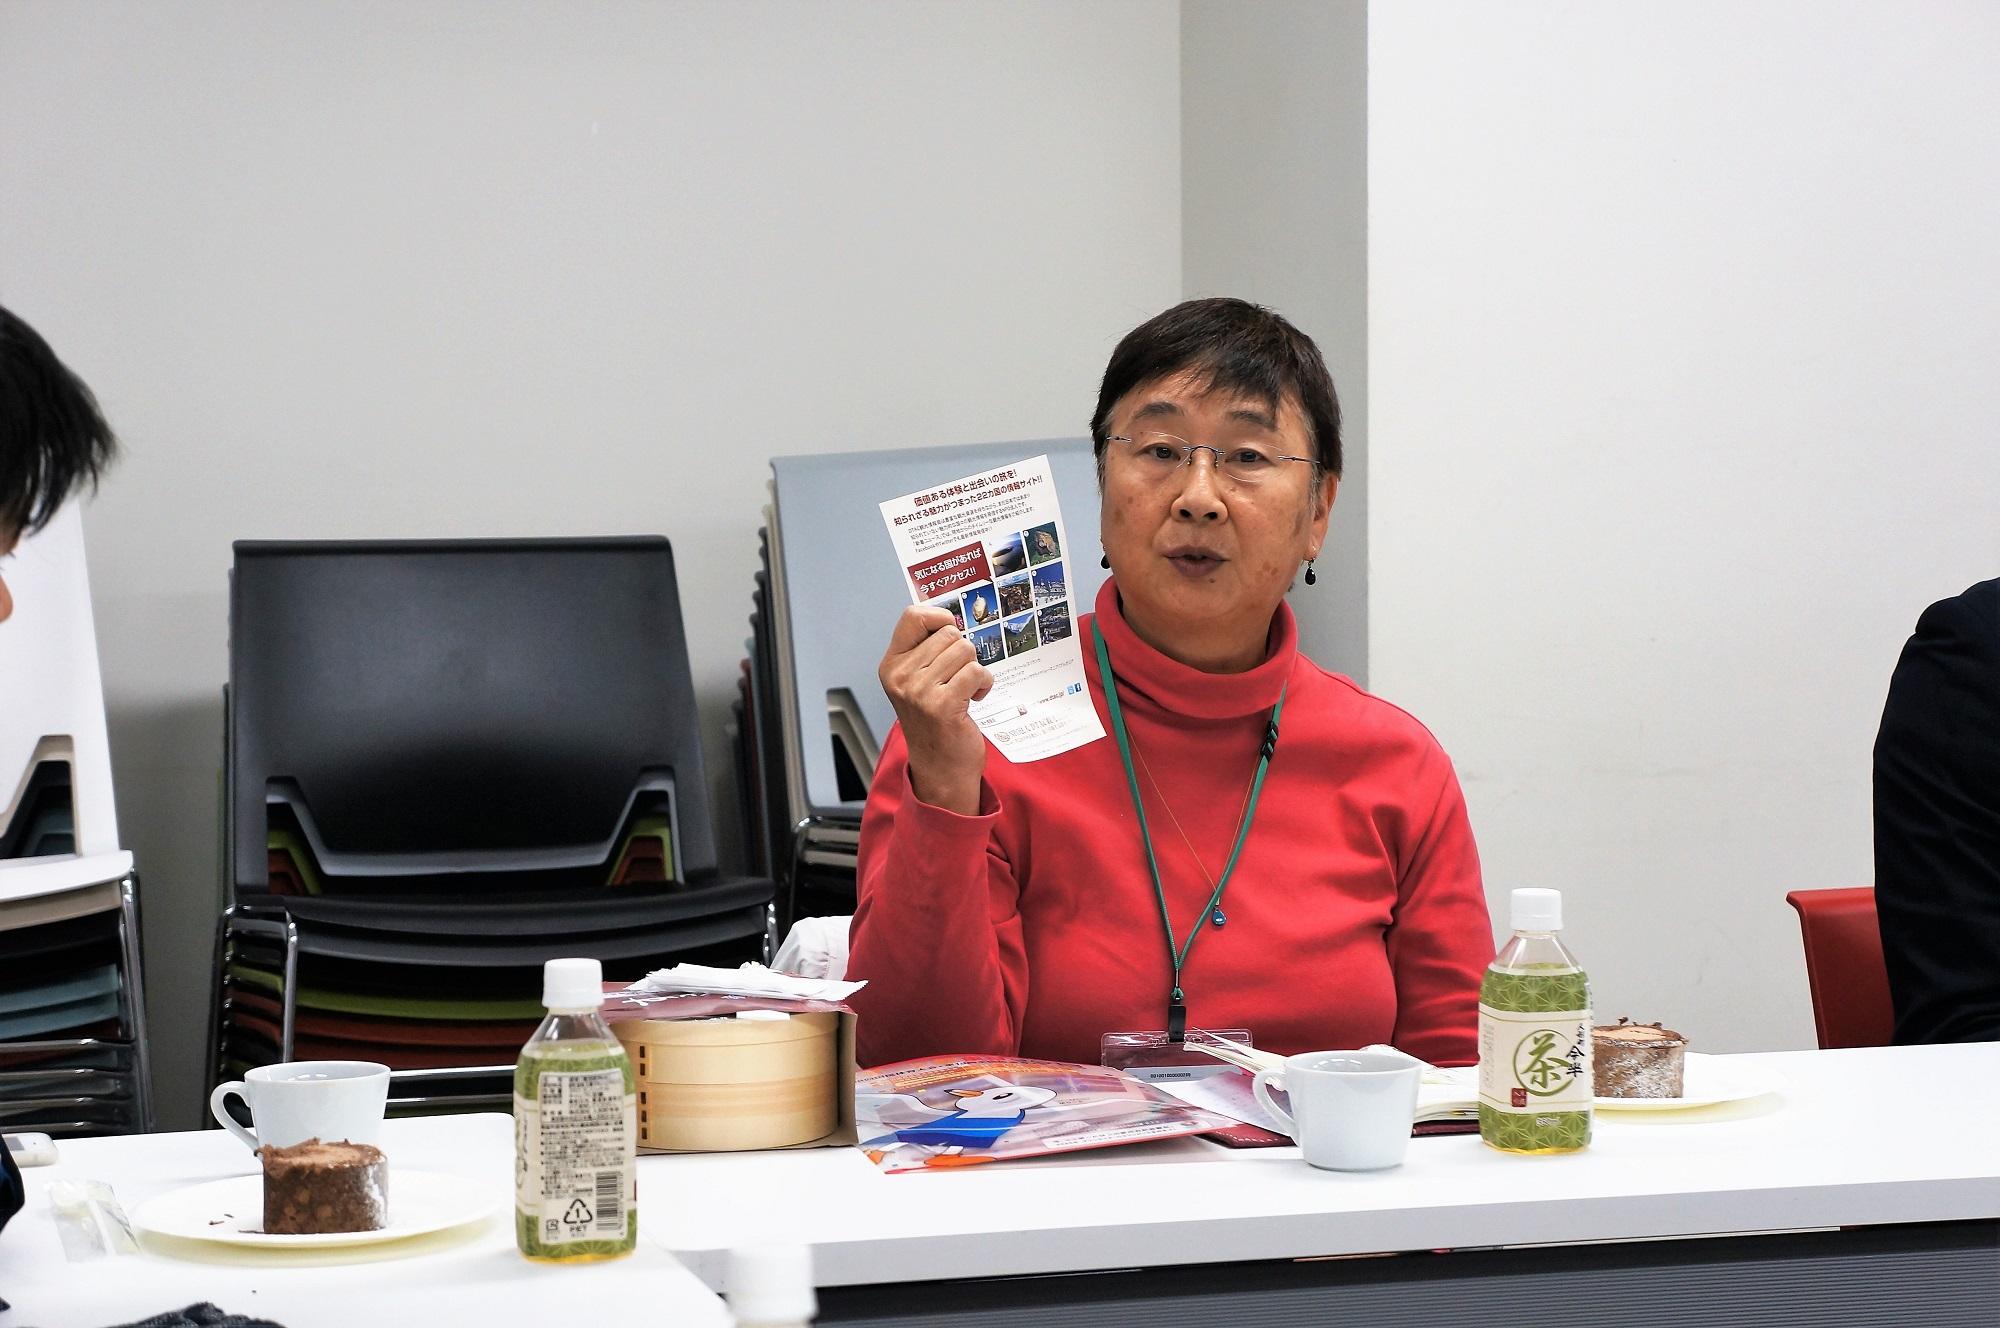 東京 シェアオフィス 交流会 異業種交流会